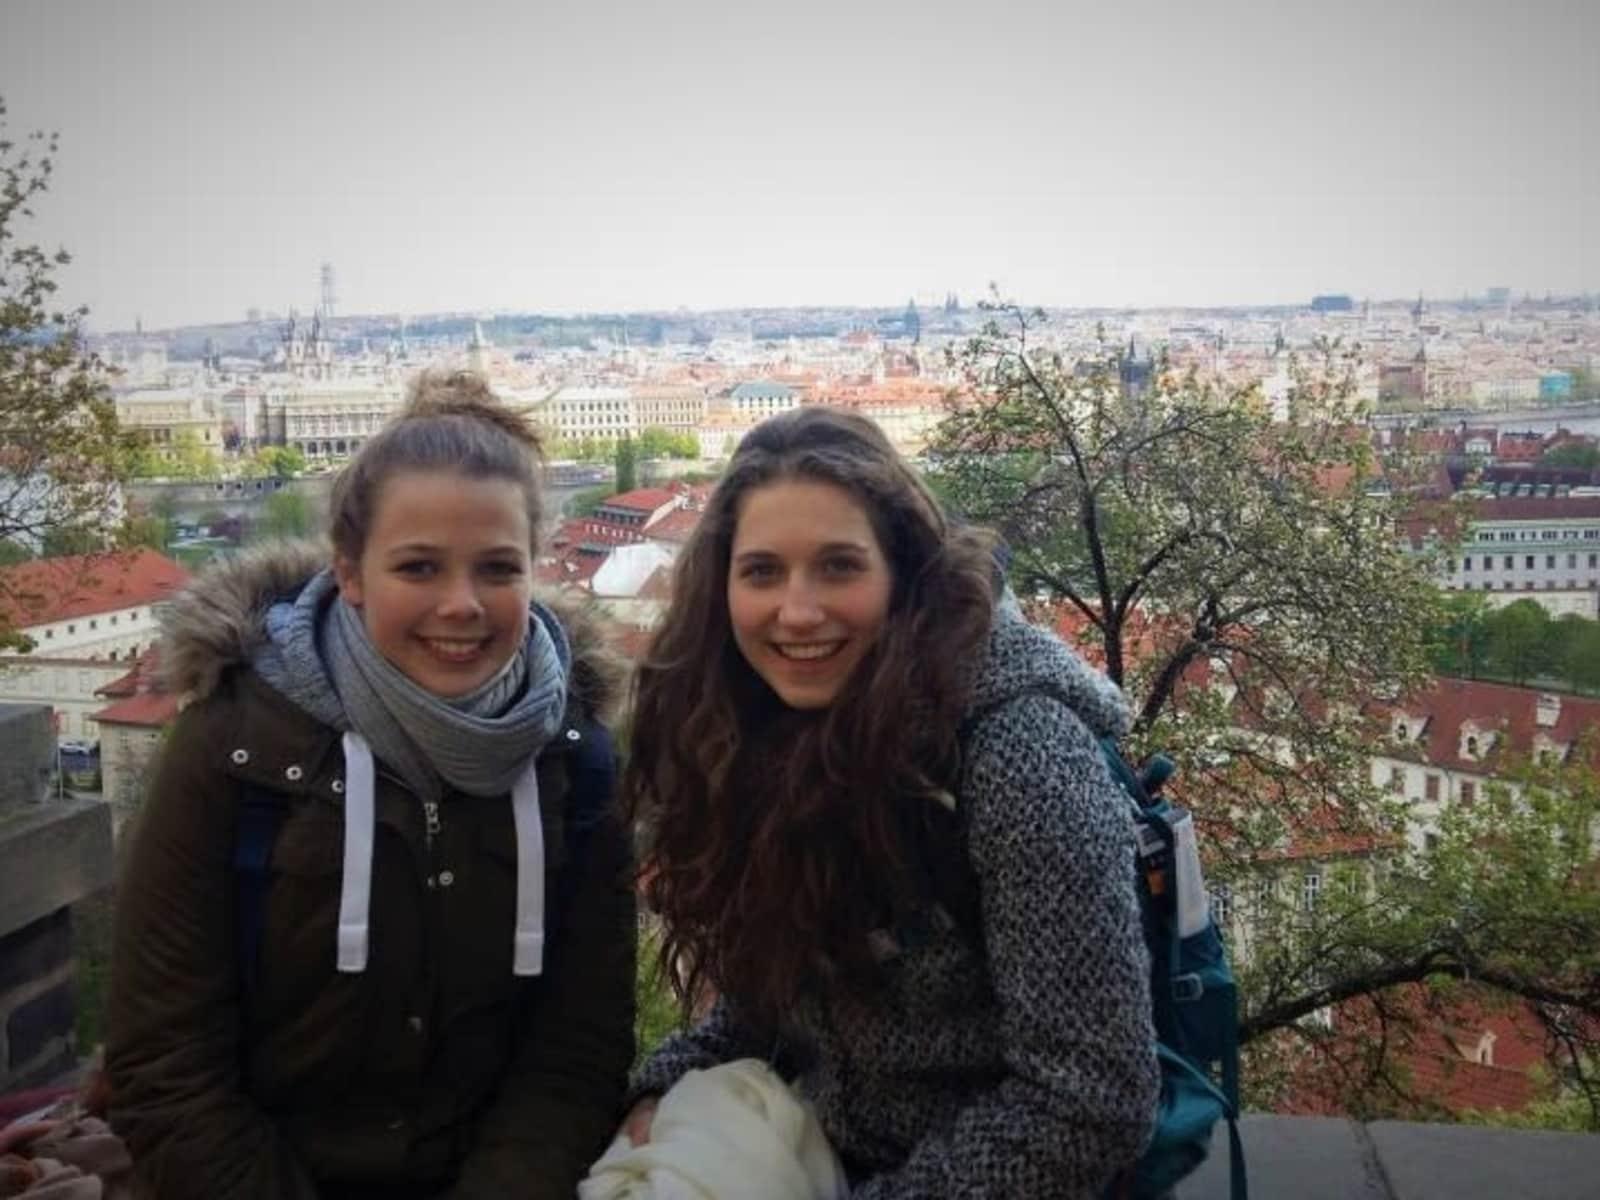 Nina & Paulina from Bamberg, Germany